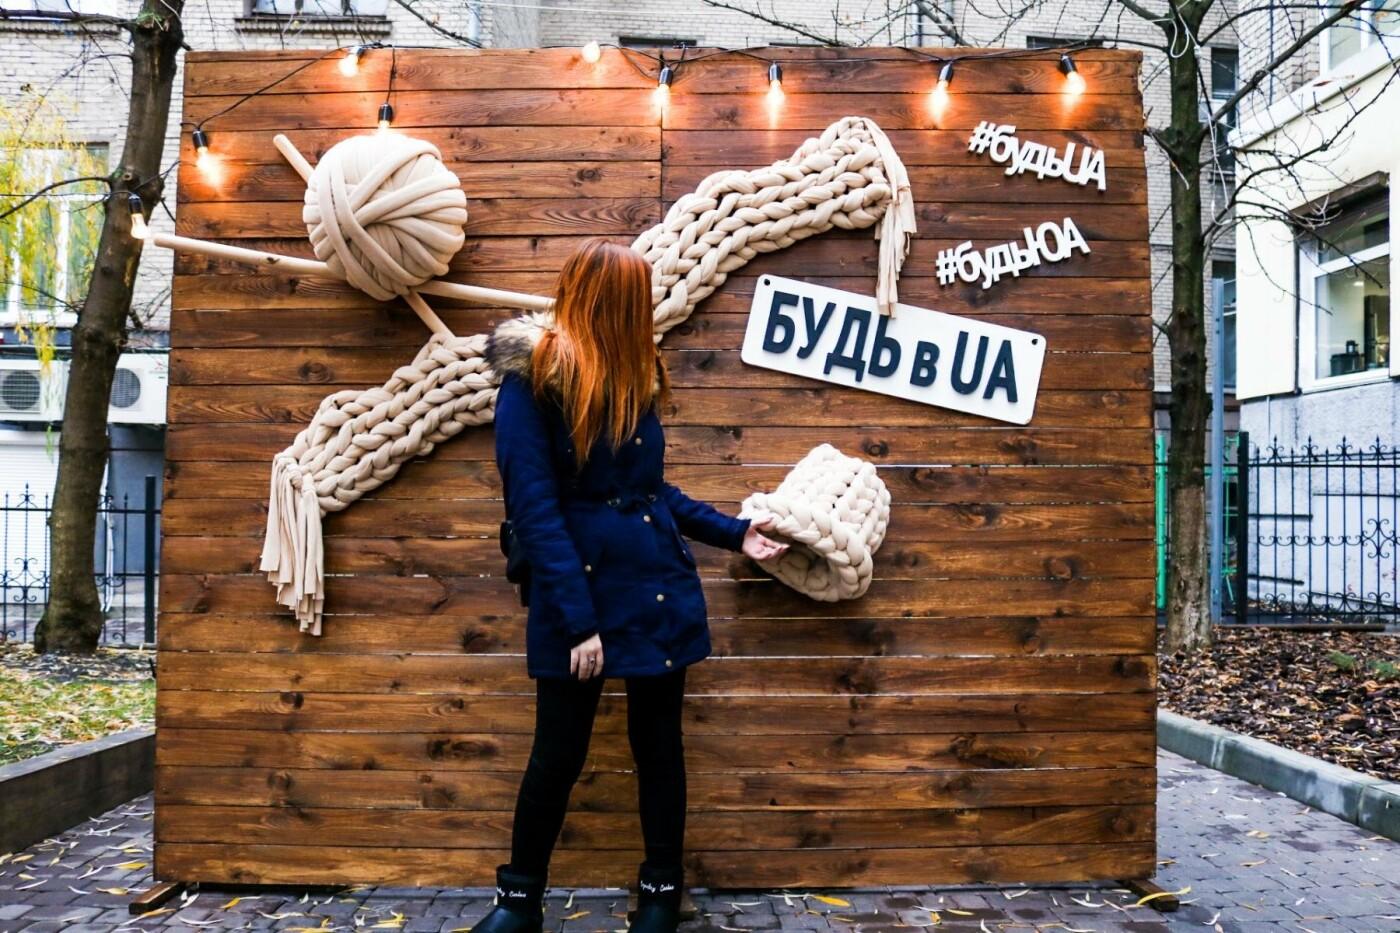 50 украинских брендов под одной крышей: как в Днепре прошел маркет «Будь в UA» (ФОТОРЕПОРТАЖ), фото-5